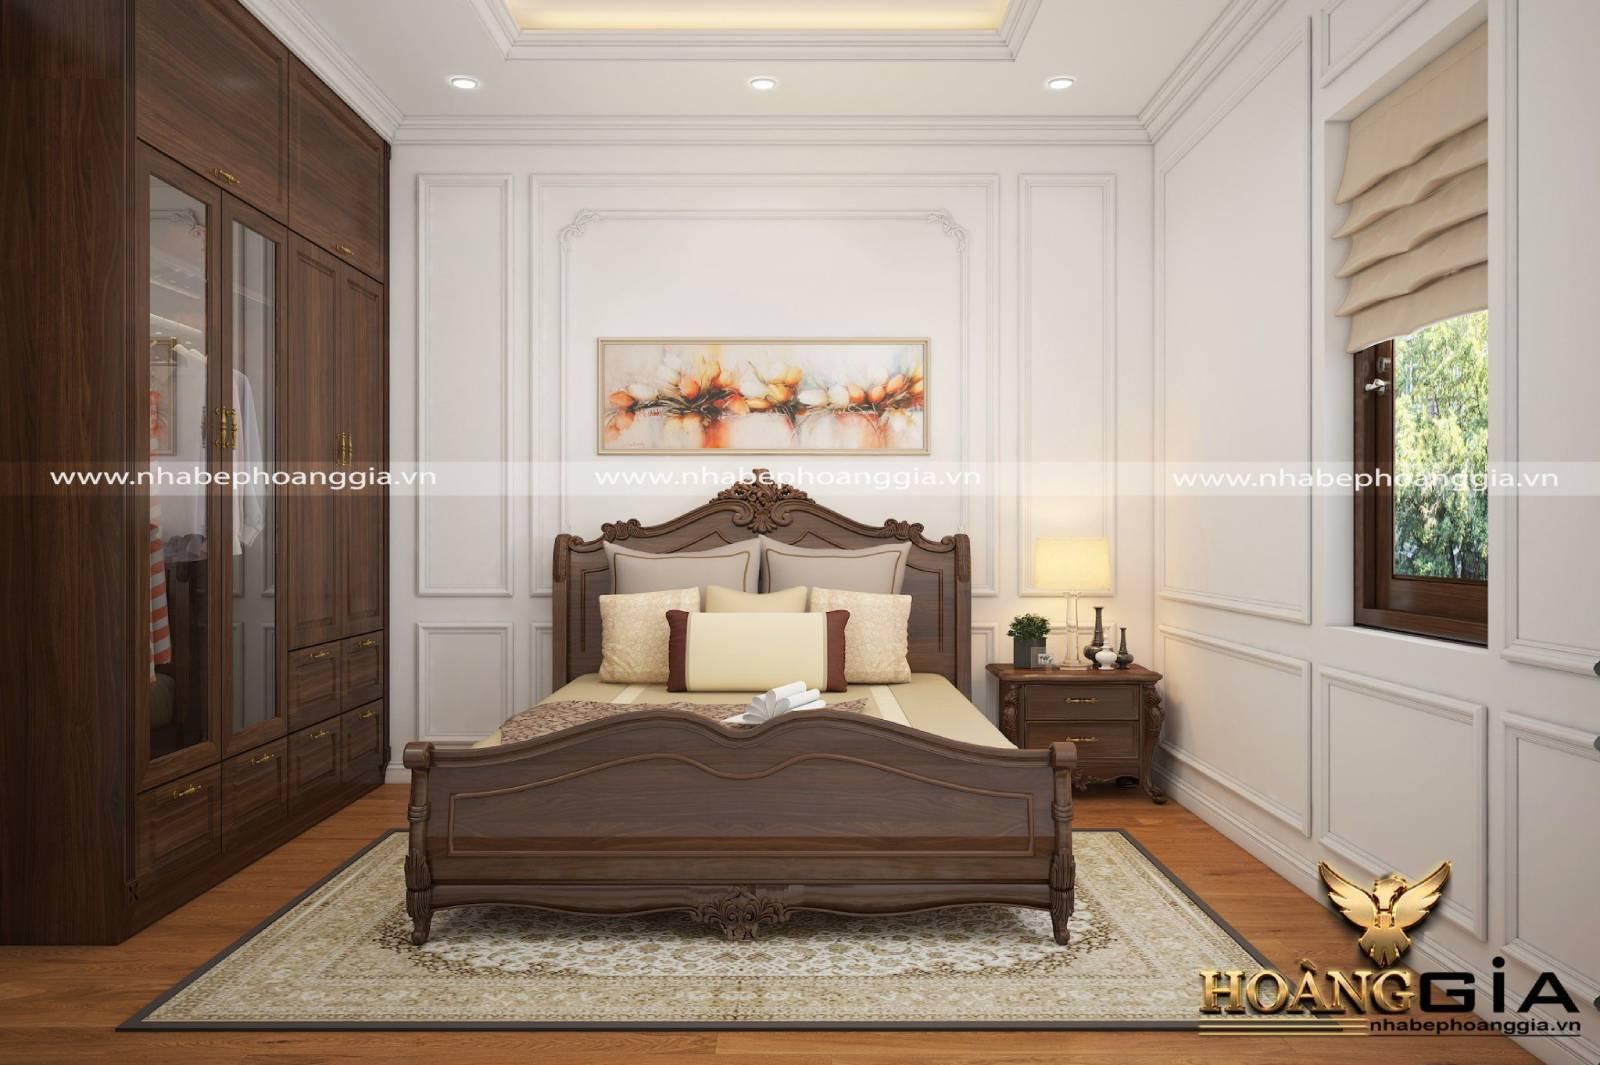 Bộ giường tủ tân cổ điển là món đồ chủ đạo trong nội thất phòng ngủ